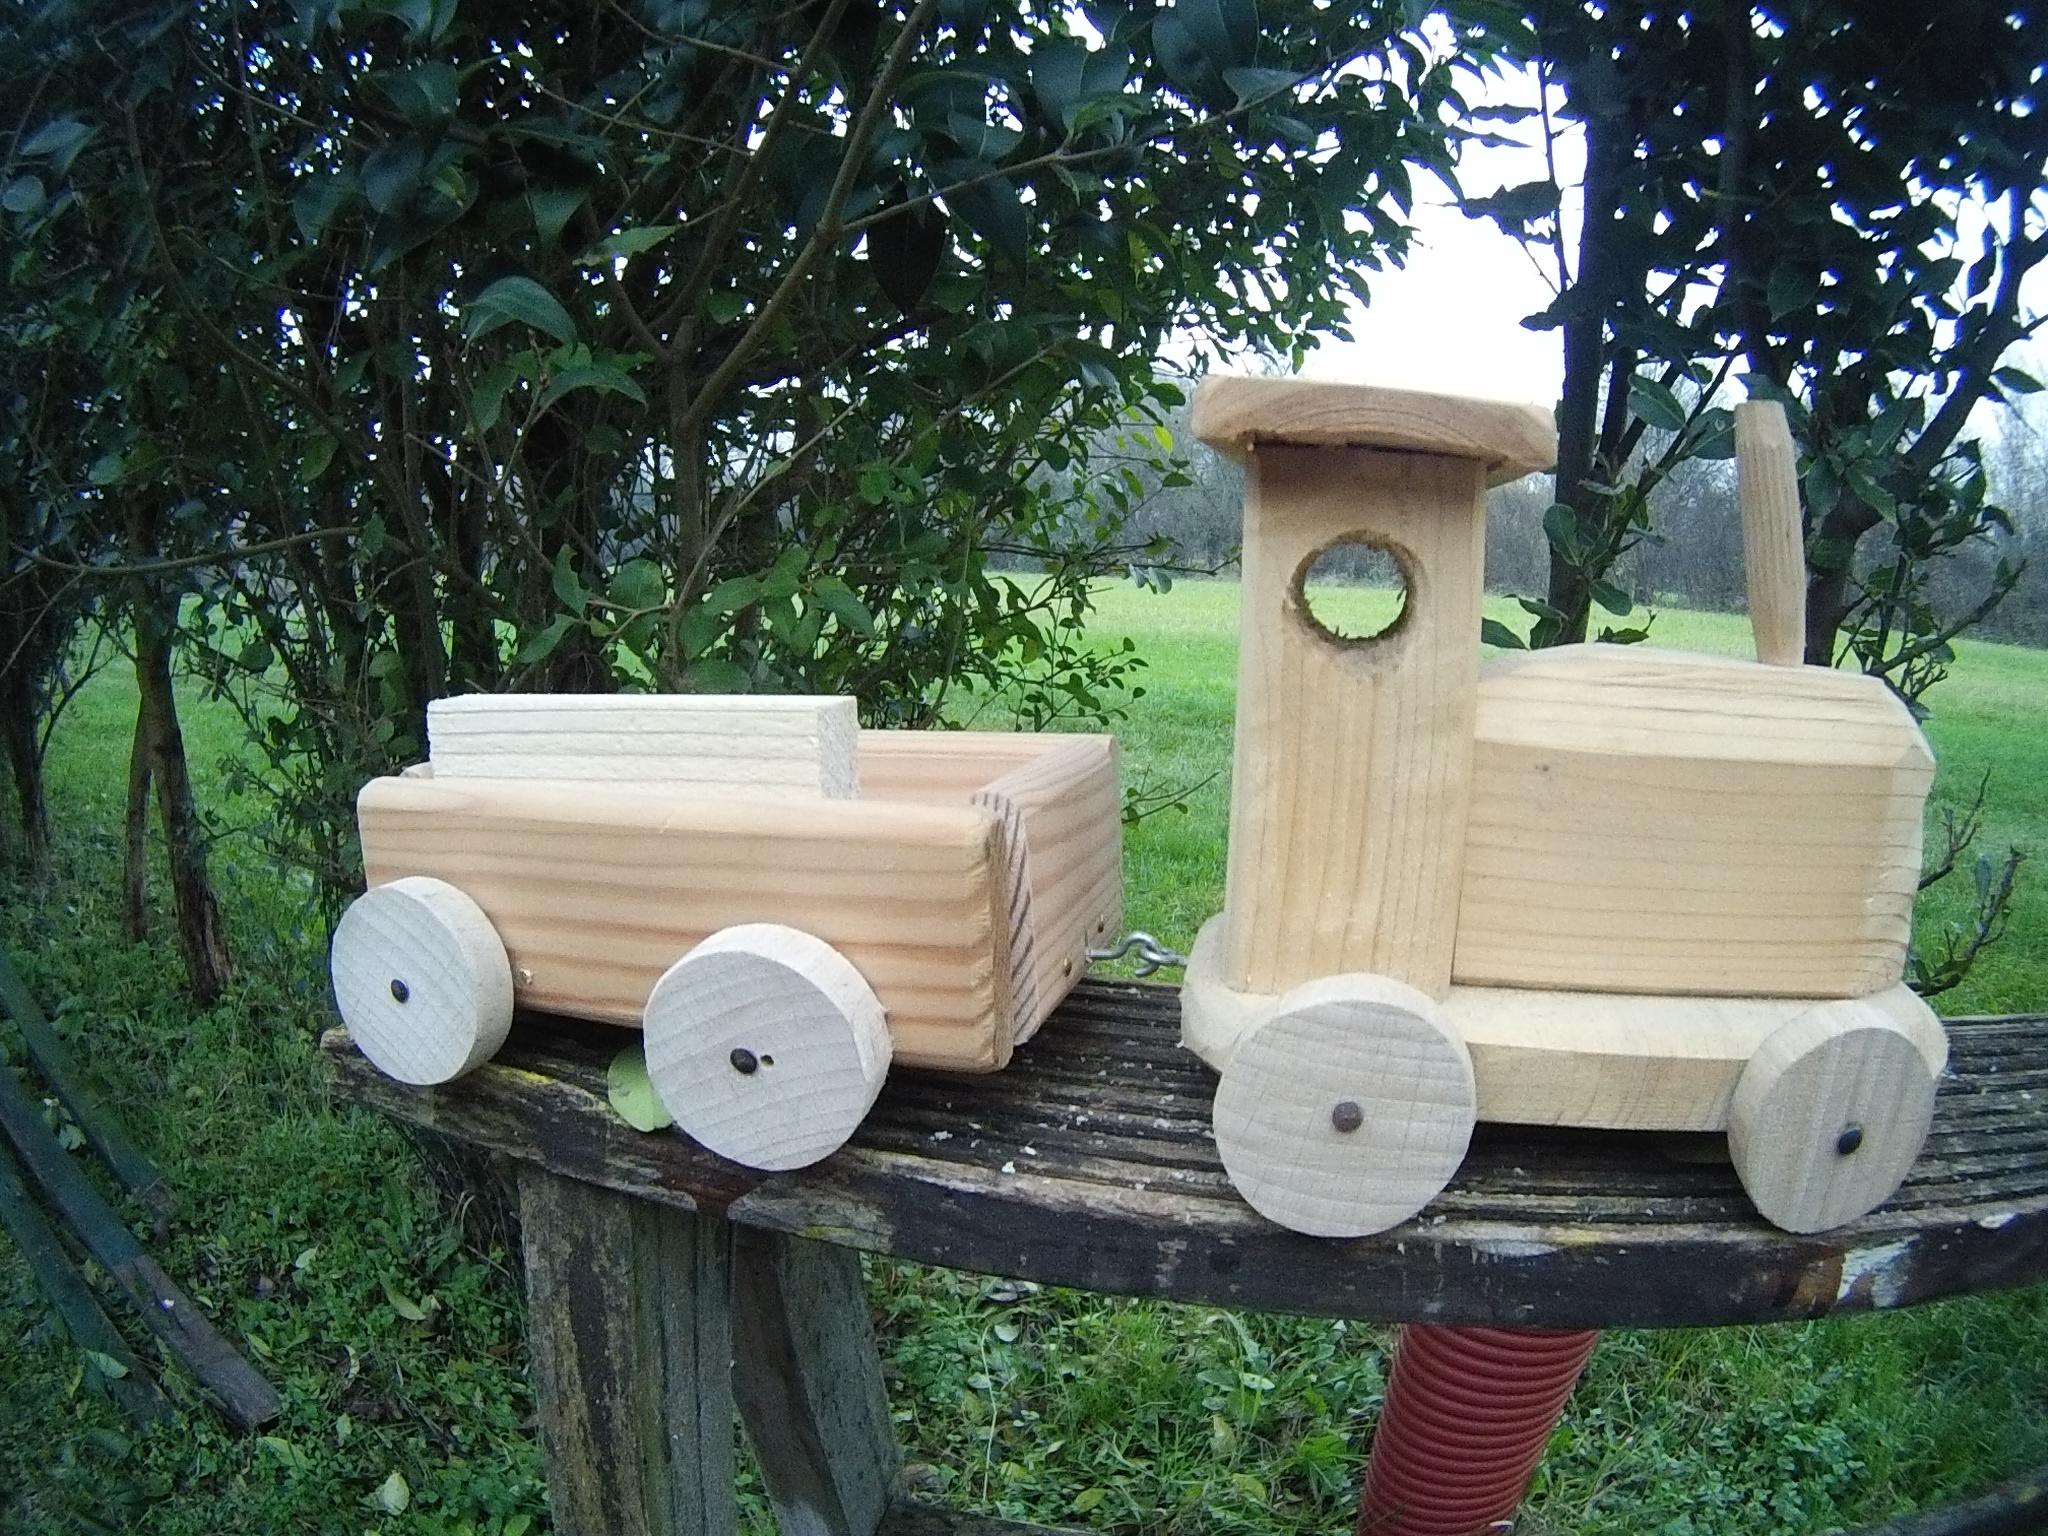 Costruire o acquistare un gioco di legno terraviva ferrara - Costruire un portabottiglie in legno ...